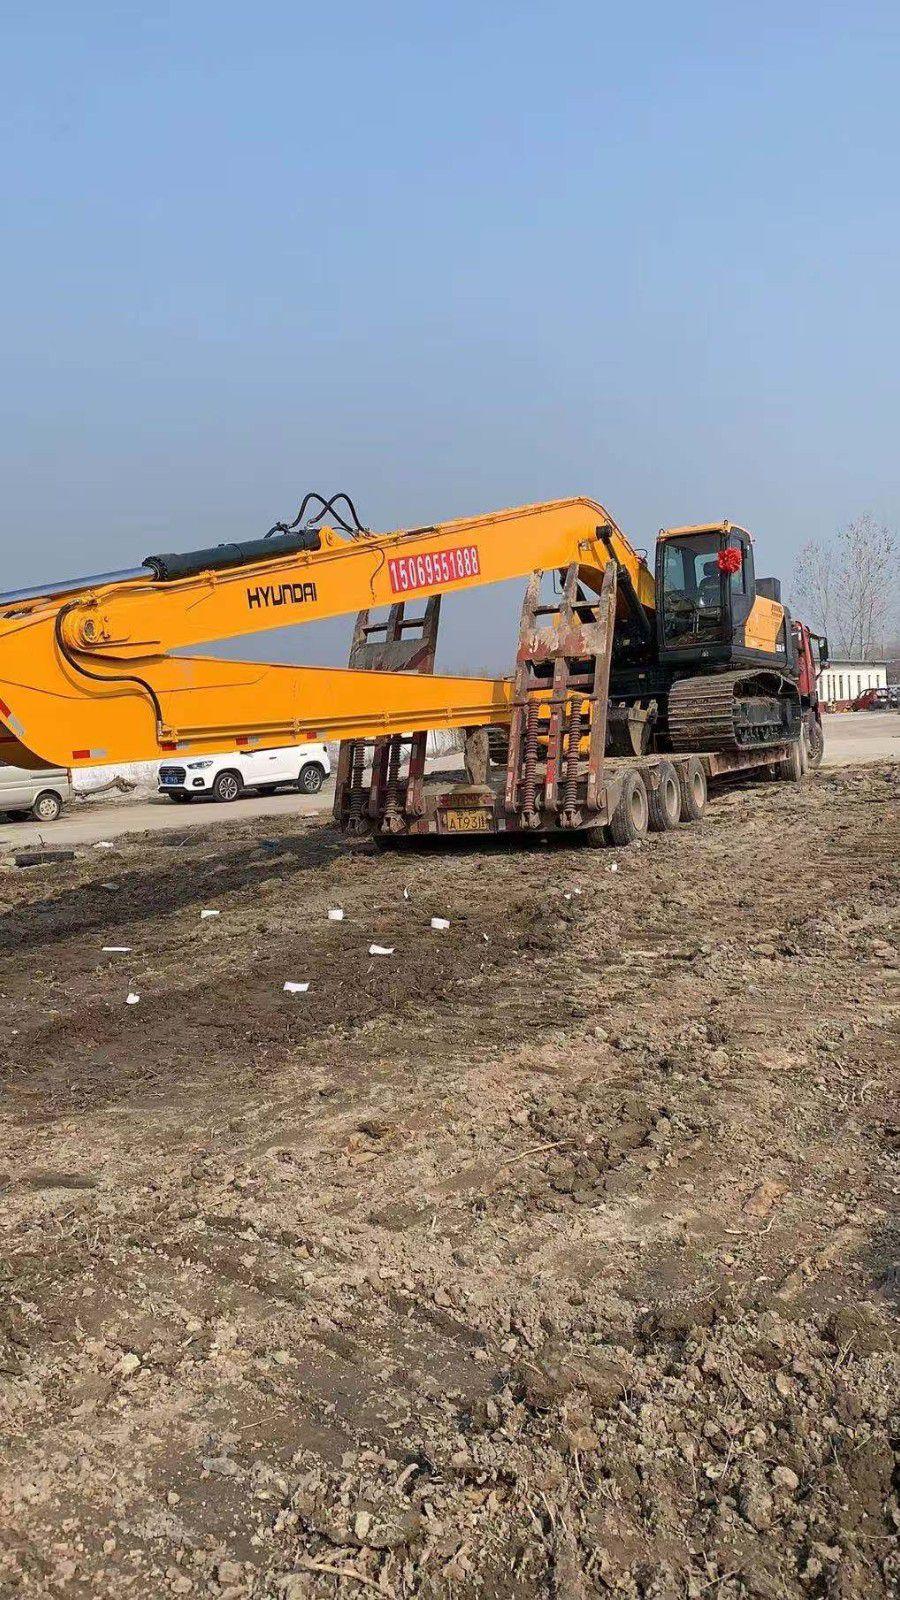 烏魯木齊30米加長臂挖掘機出租價格平穩